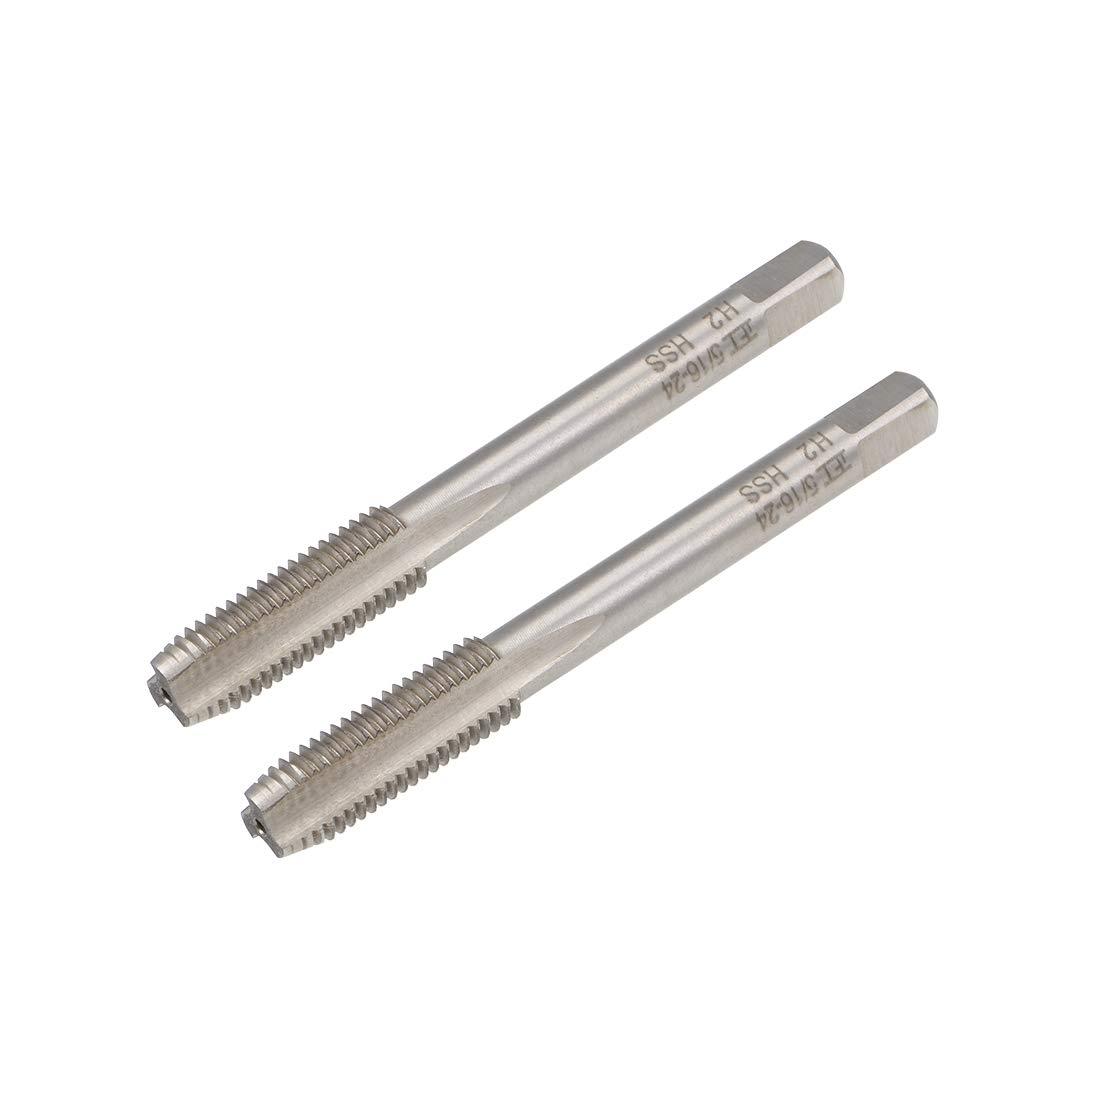 /19/BSP 55/grados tuber/ía rosca 4/recto flautas HSS Plug Tap G 3//8/